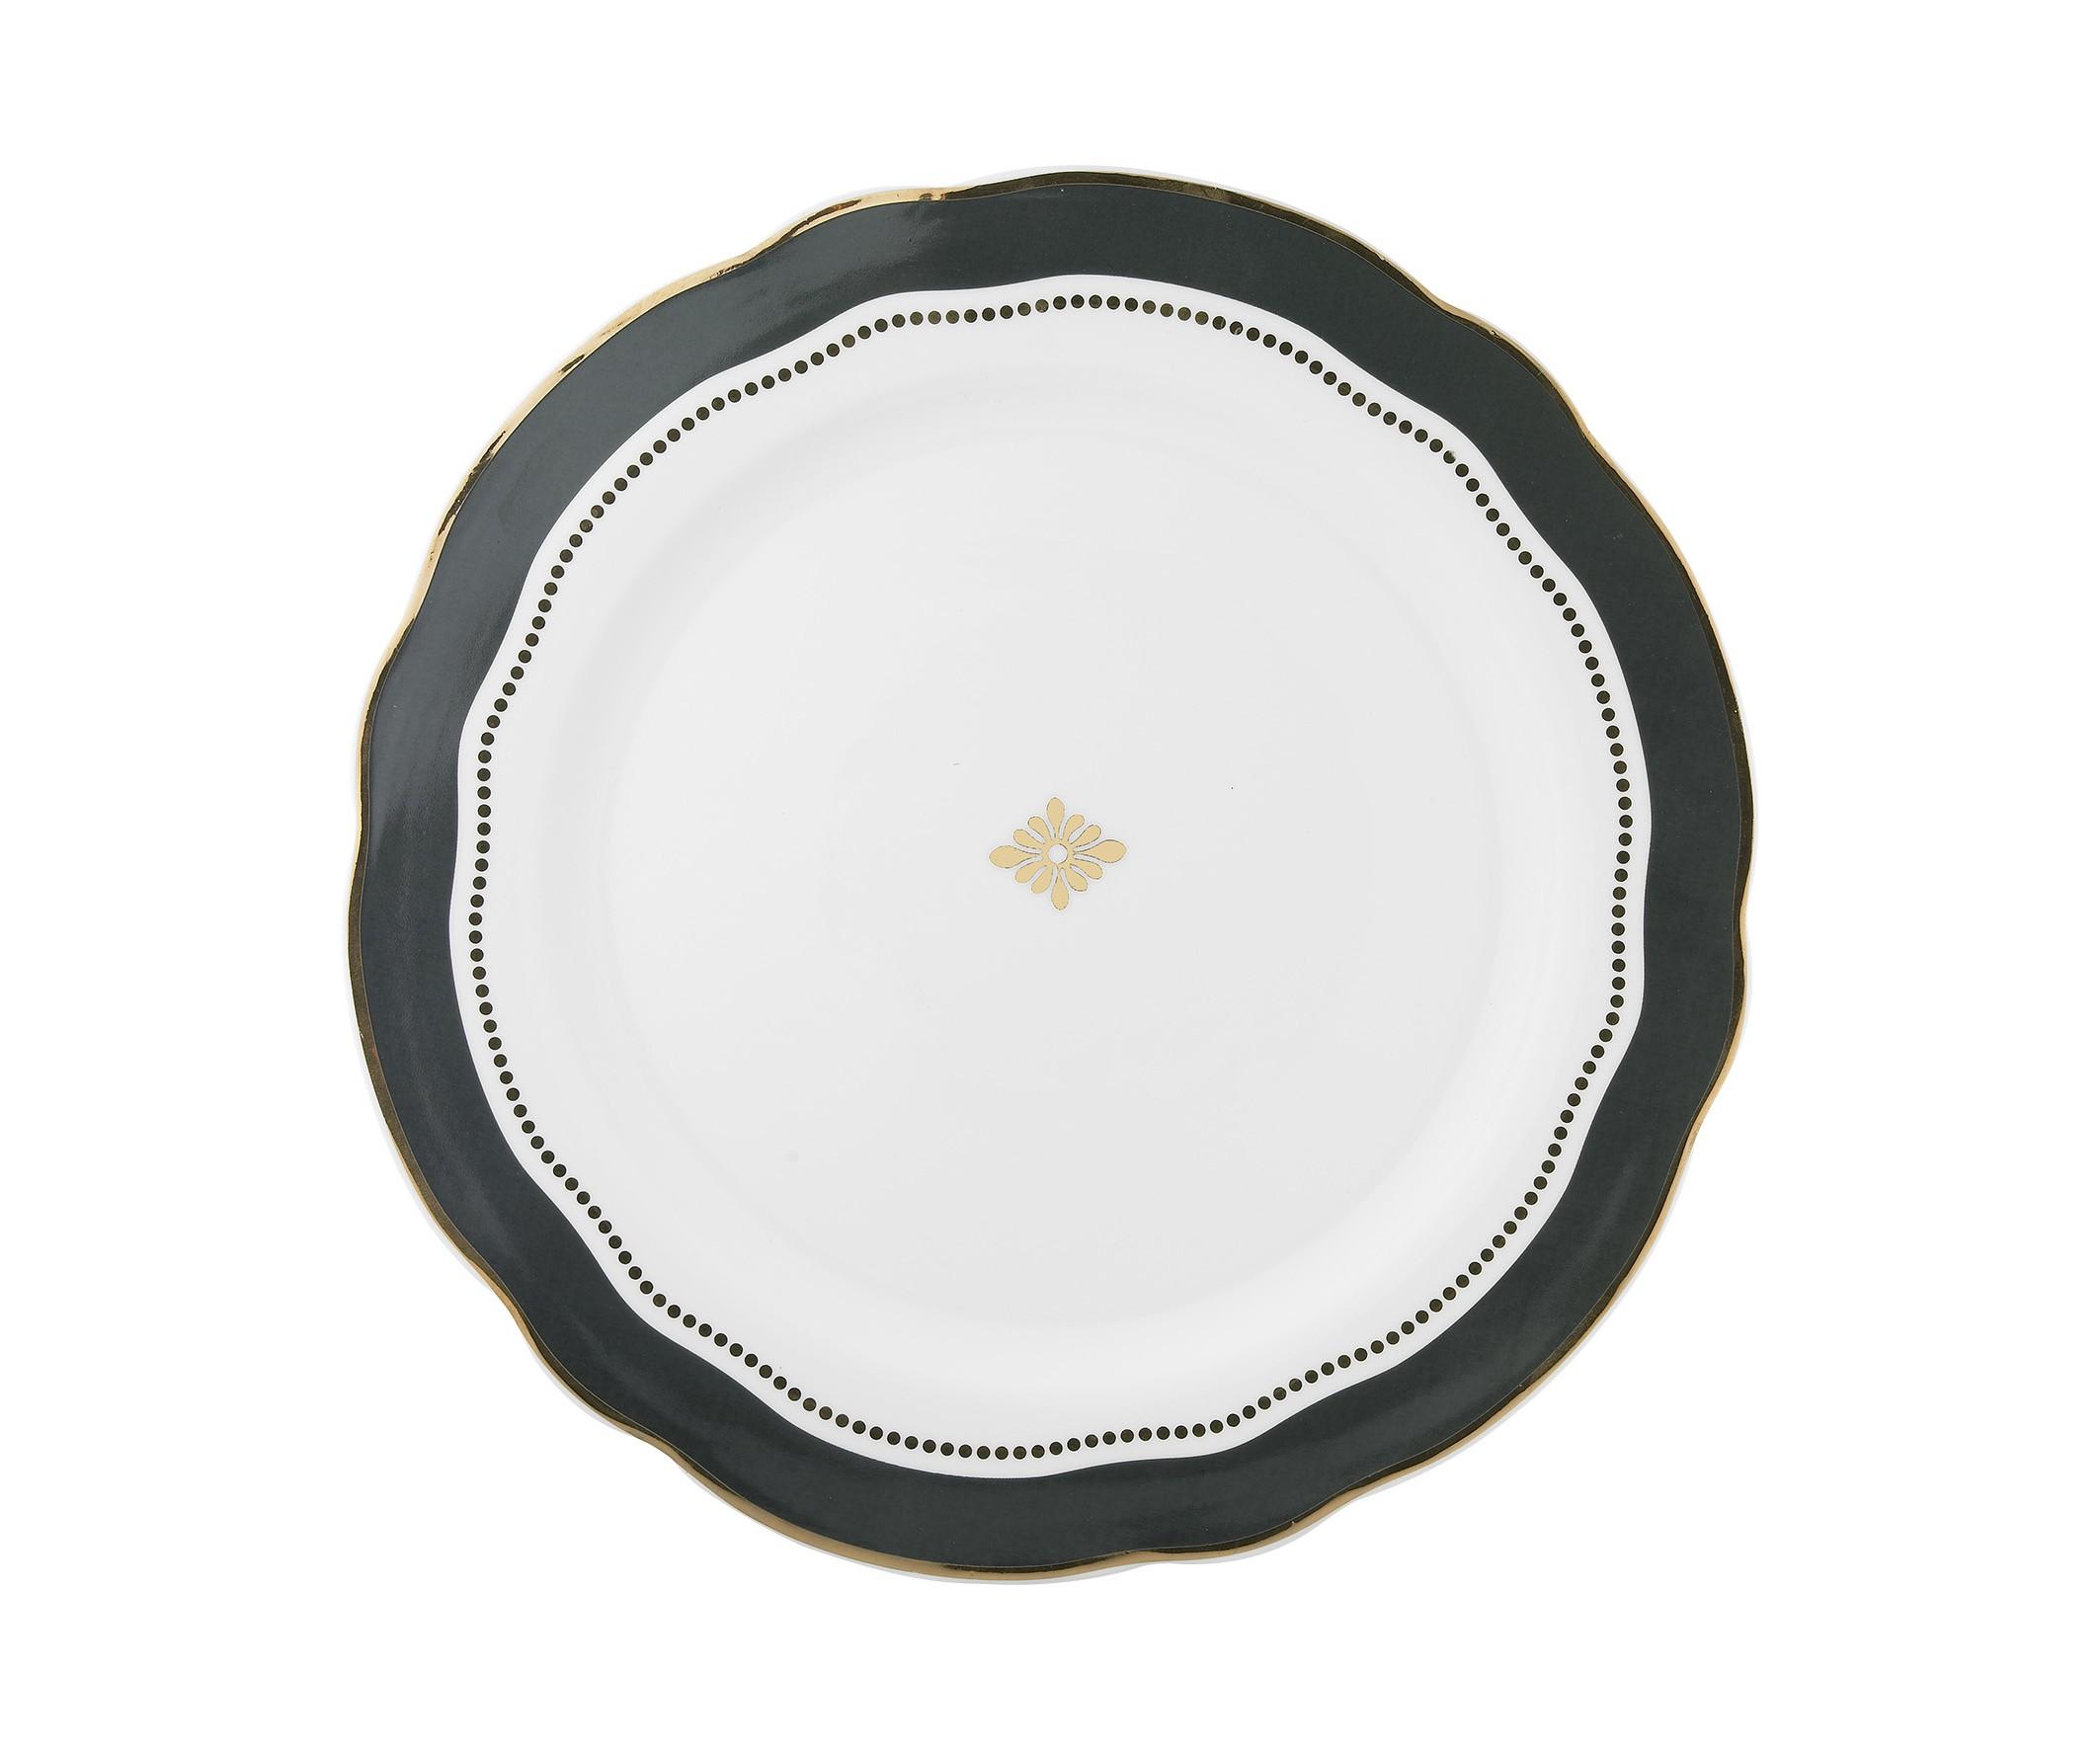 Набор из двух тарелок MaraisТарелки<br>Набор из двух больших тарелок &amp;quot;Marais&amp;quot; для стильного застолья.<br><br>Material: Фарфор<br>Height см: 3<br>Diameter см: 28